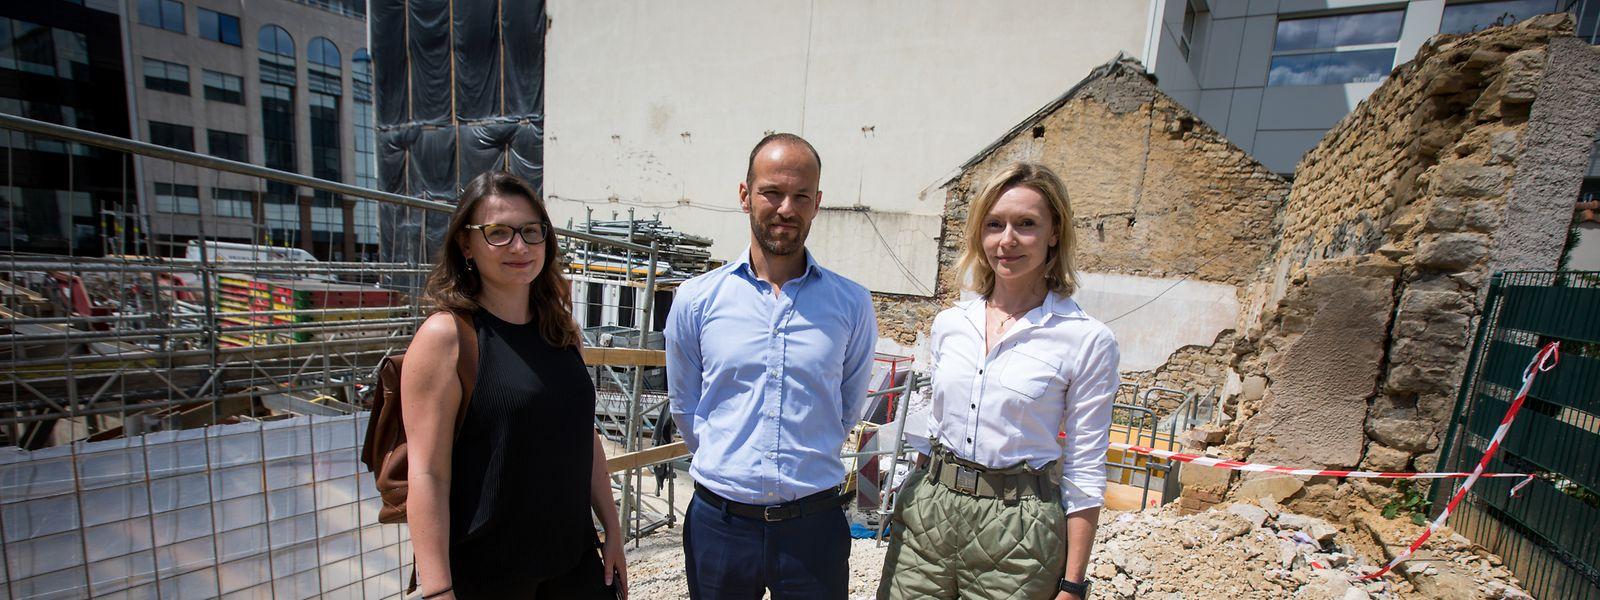 Sandra Latamik, Peter Kleijnenburg und Eryn Zander (v.l.n.r) können nicht nachvollziehen, dass so viele histrische Gebäude weichen müssen.